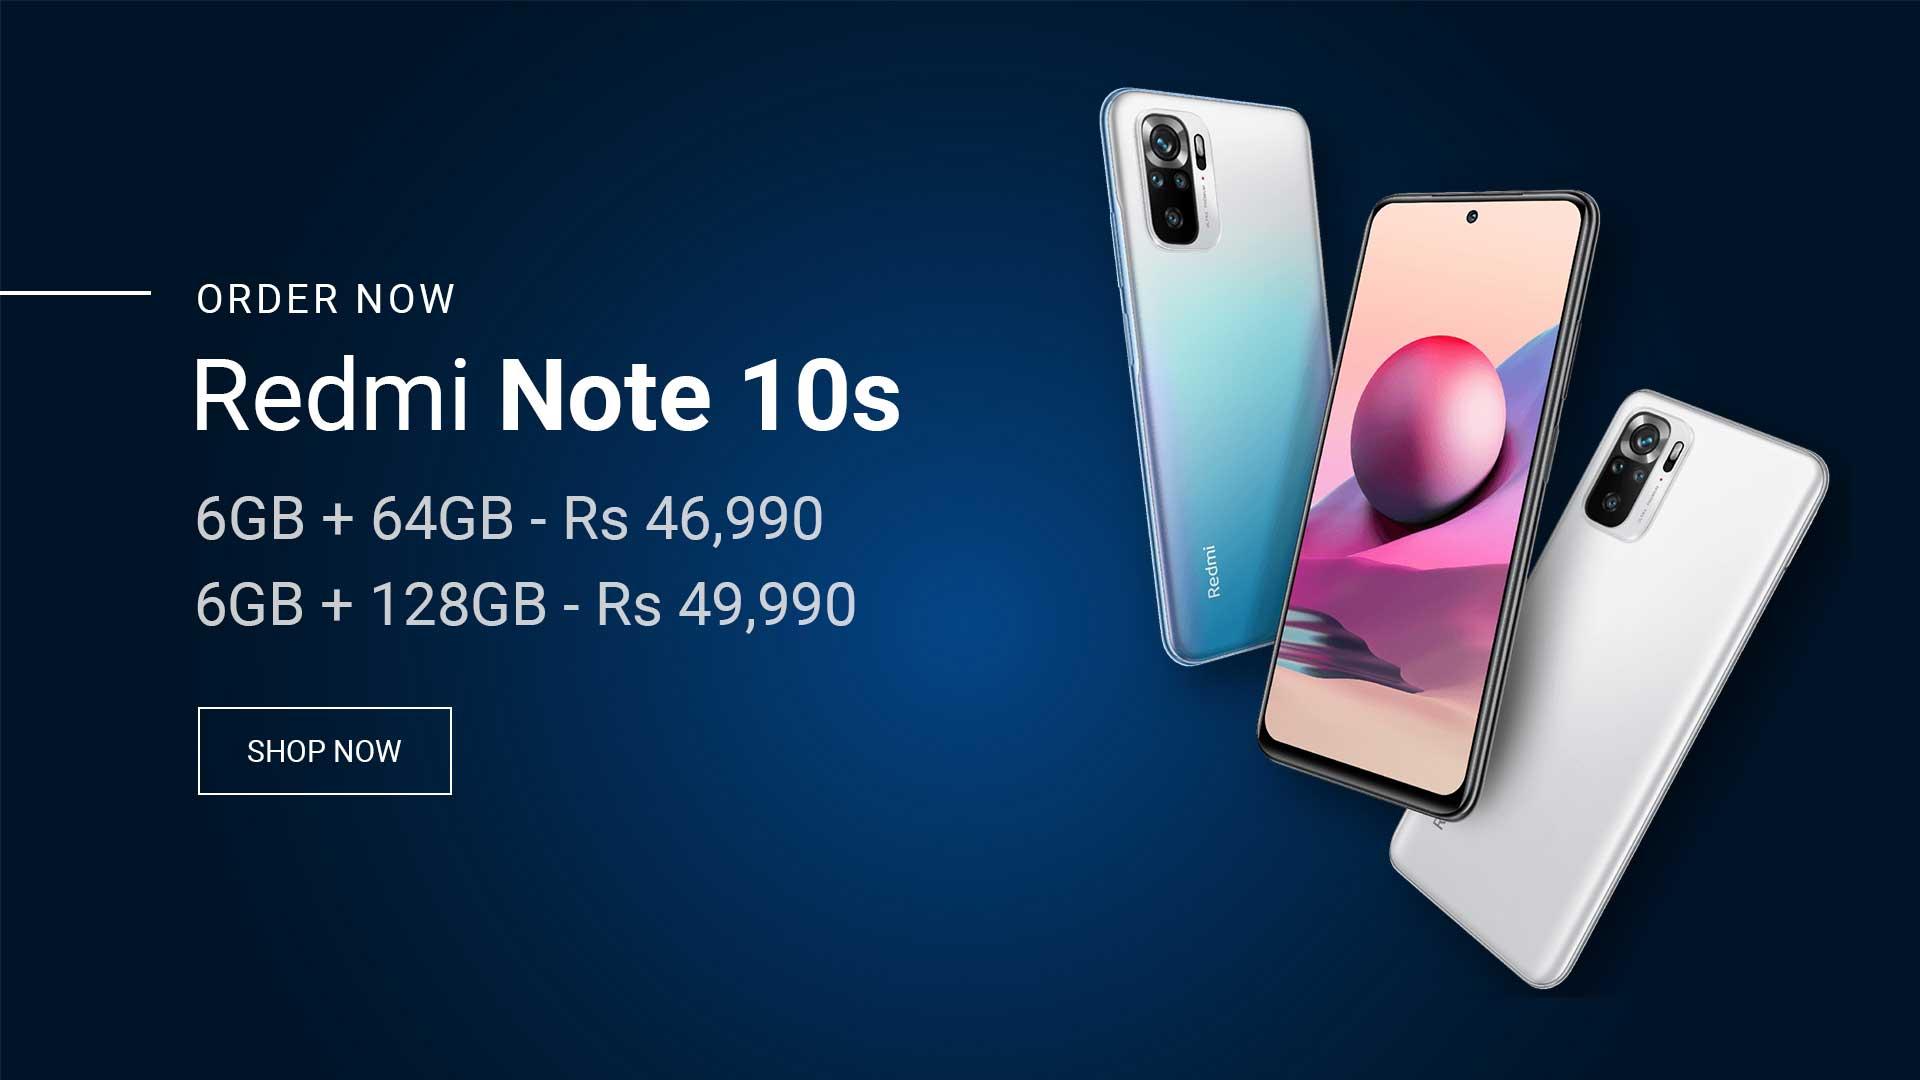 Redmi note 10s Price in Sri Lanka